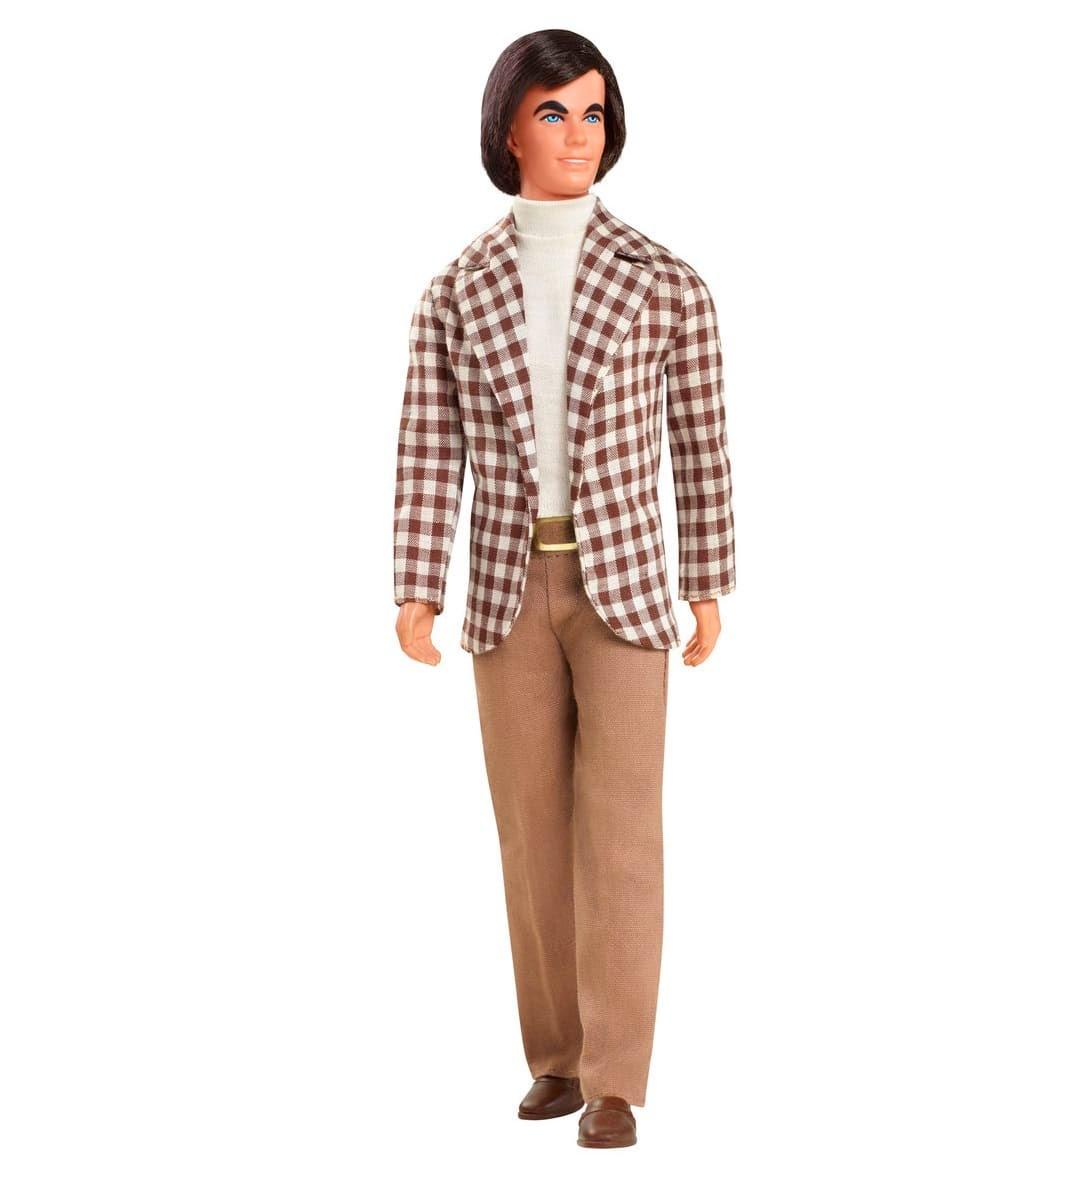 Ken à la mode des années 1970